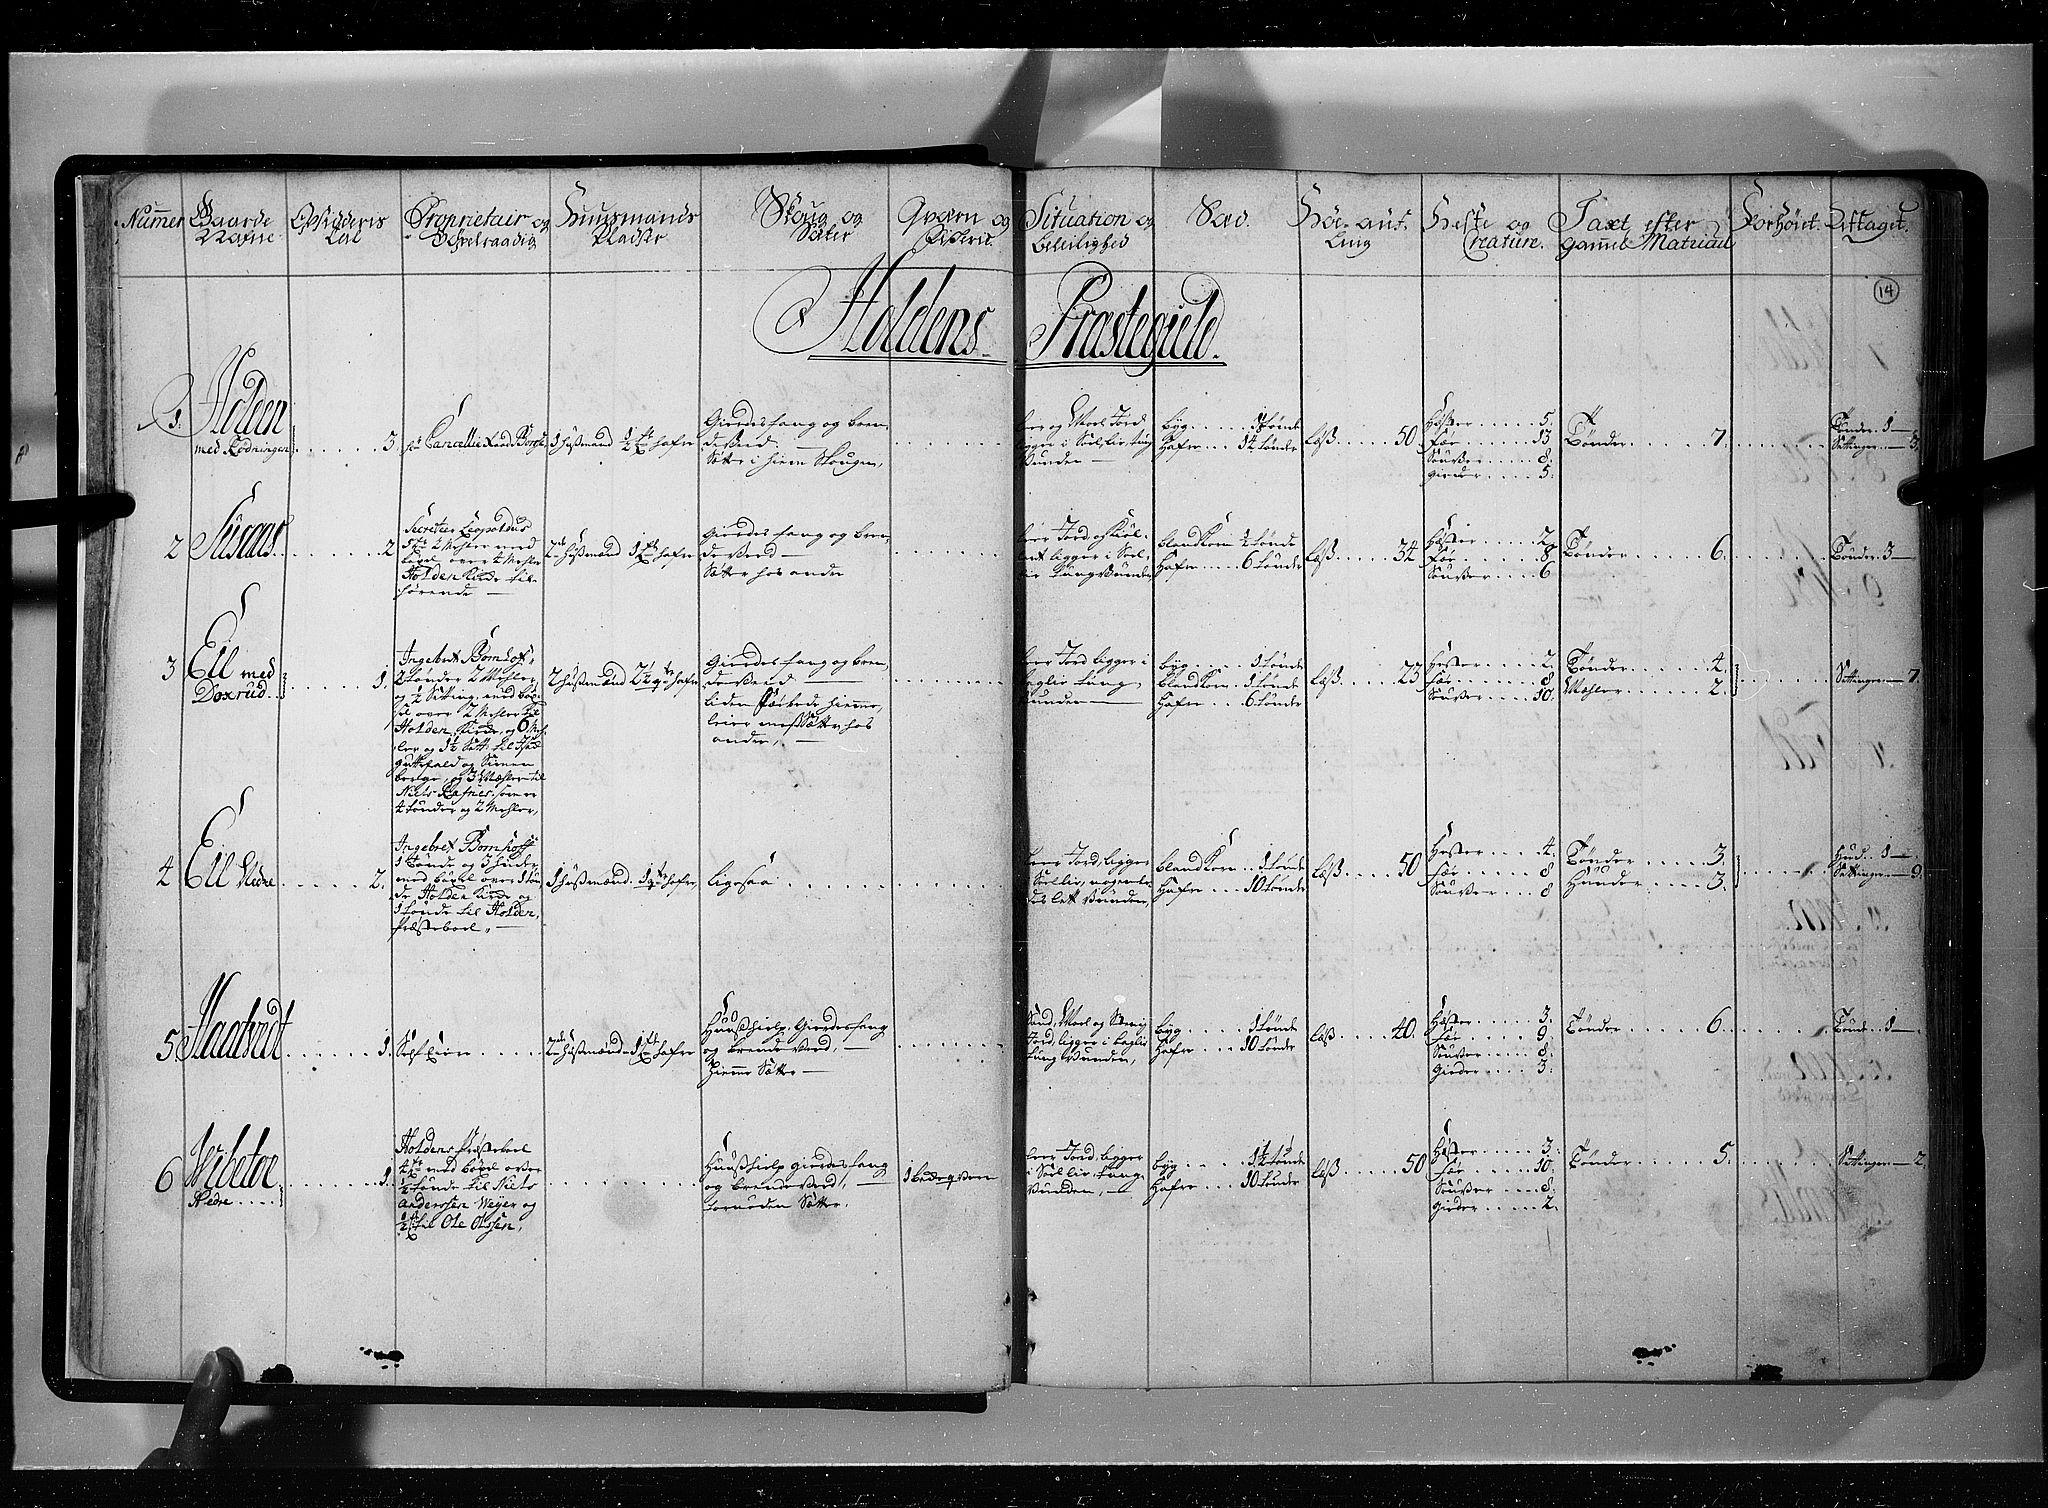 RA, Rentekammeret inntil 1814, Realistisk ordnet avdeling, N/Nb/Nbf/L0121: Øvre og Nedre Telemark eksaminasjonsprotokoll, 1723, s. 13b-14a